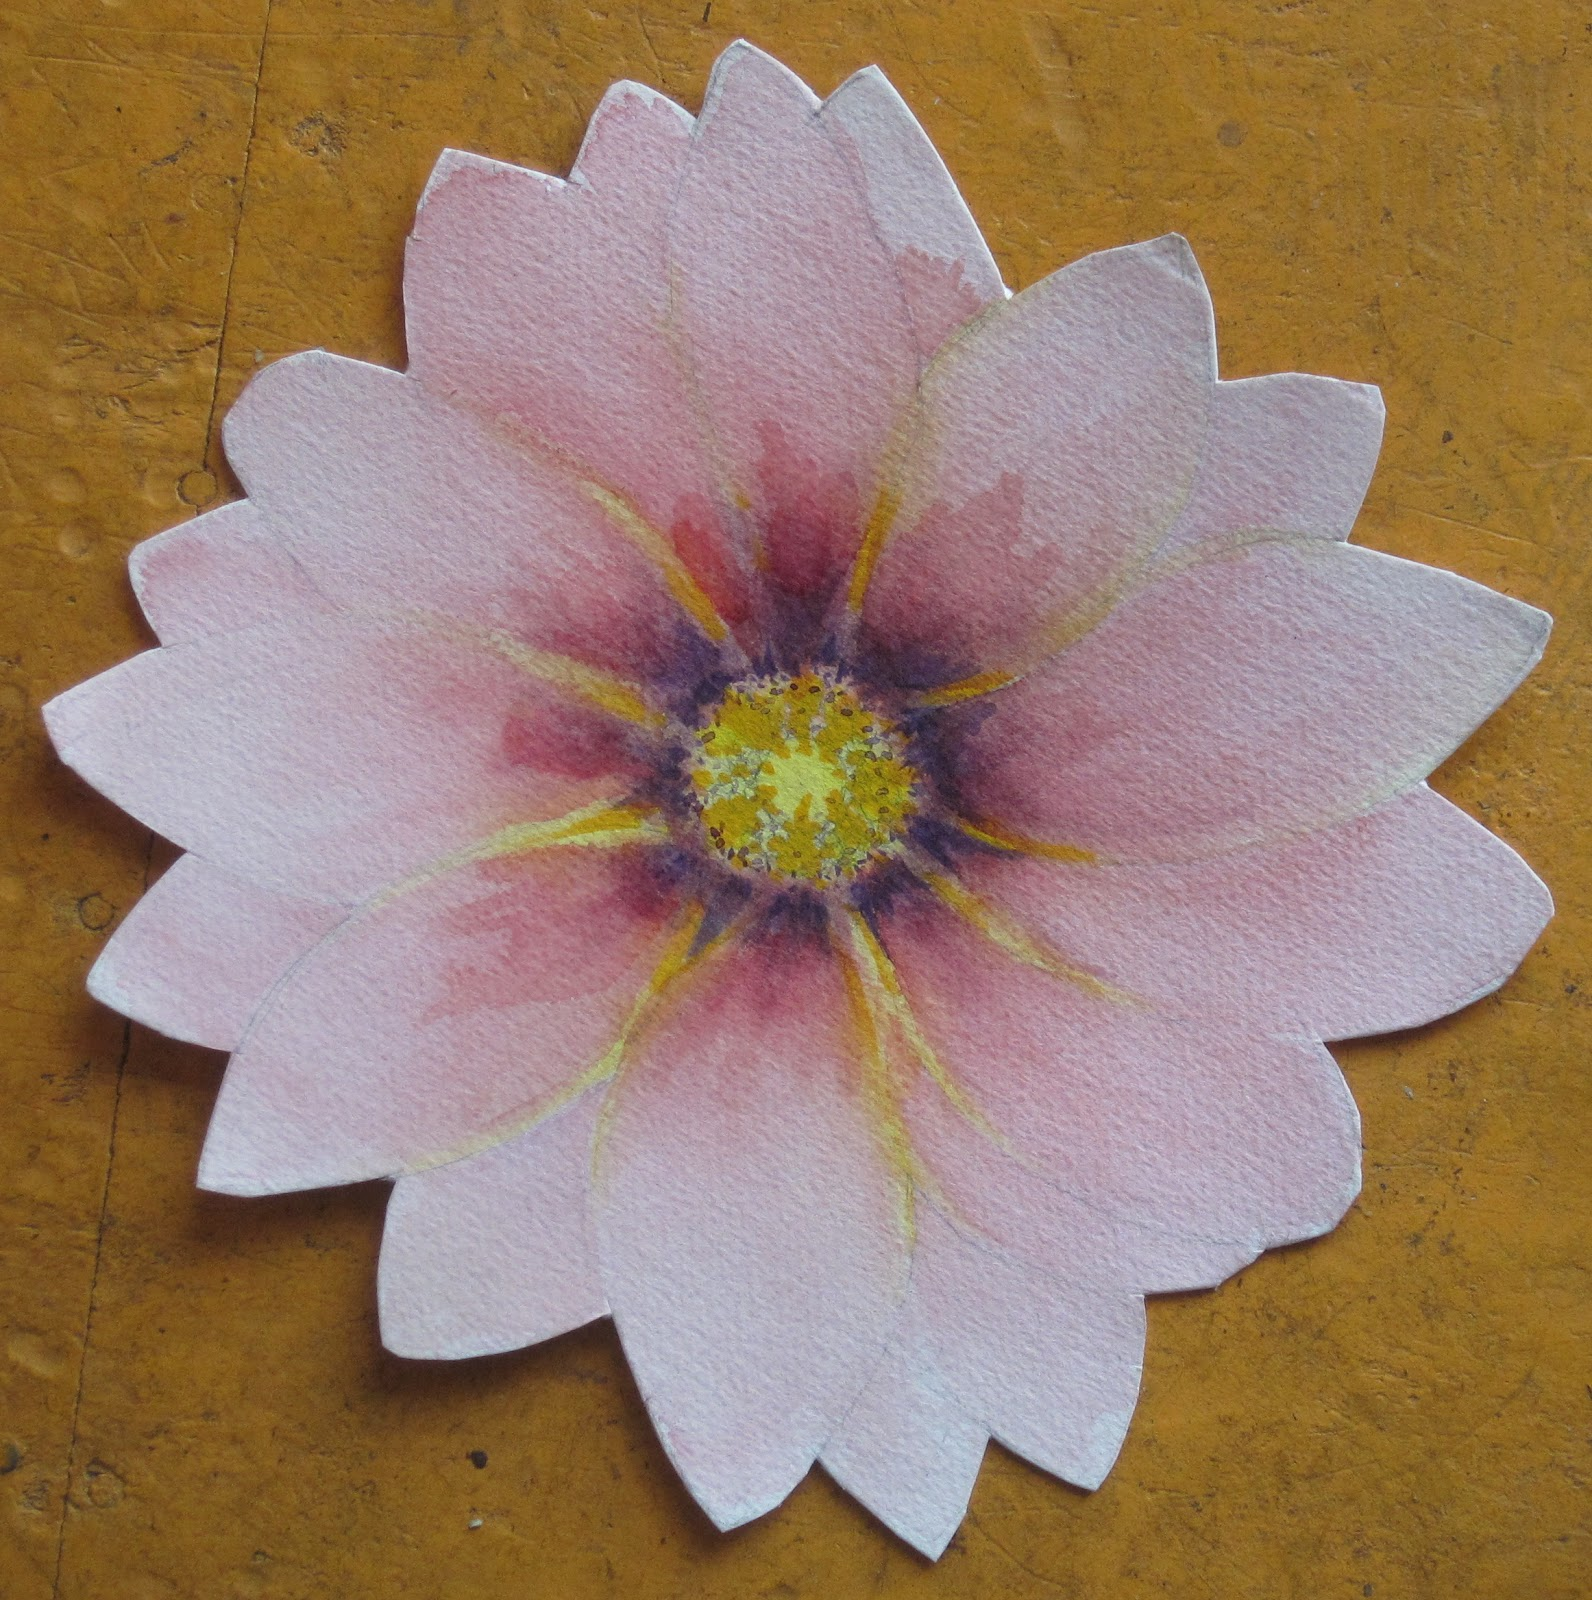 flowers art washes - photo #10